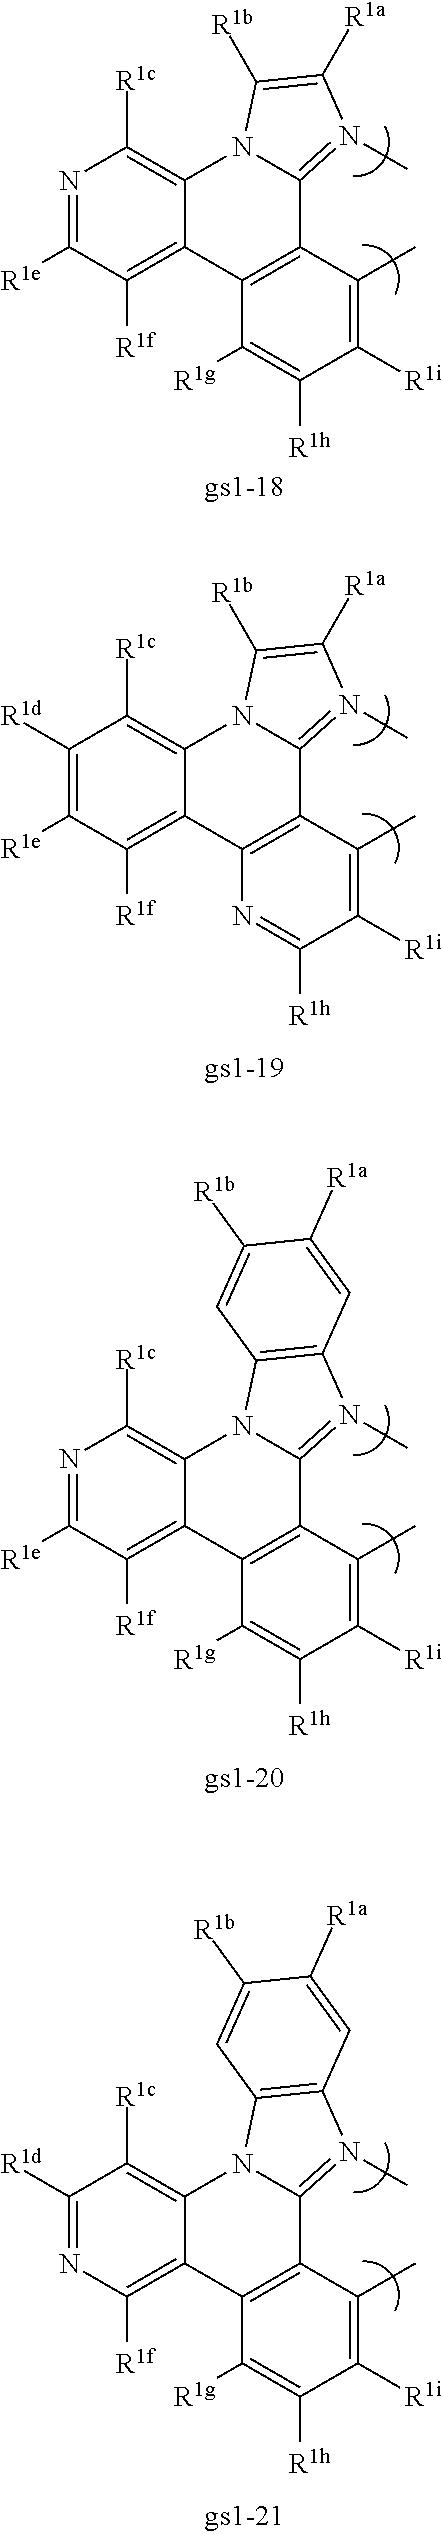 Figure US07915415-20110329-C00183